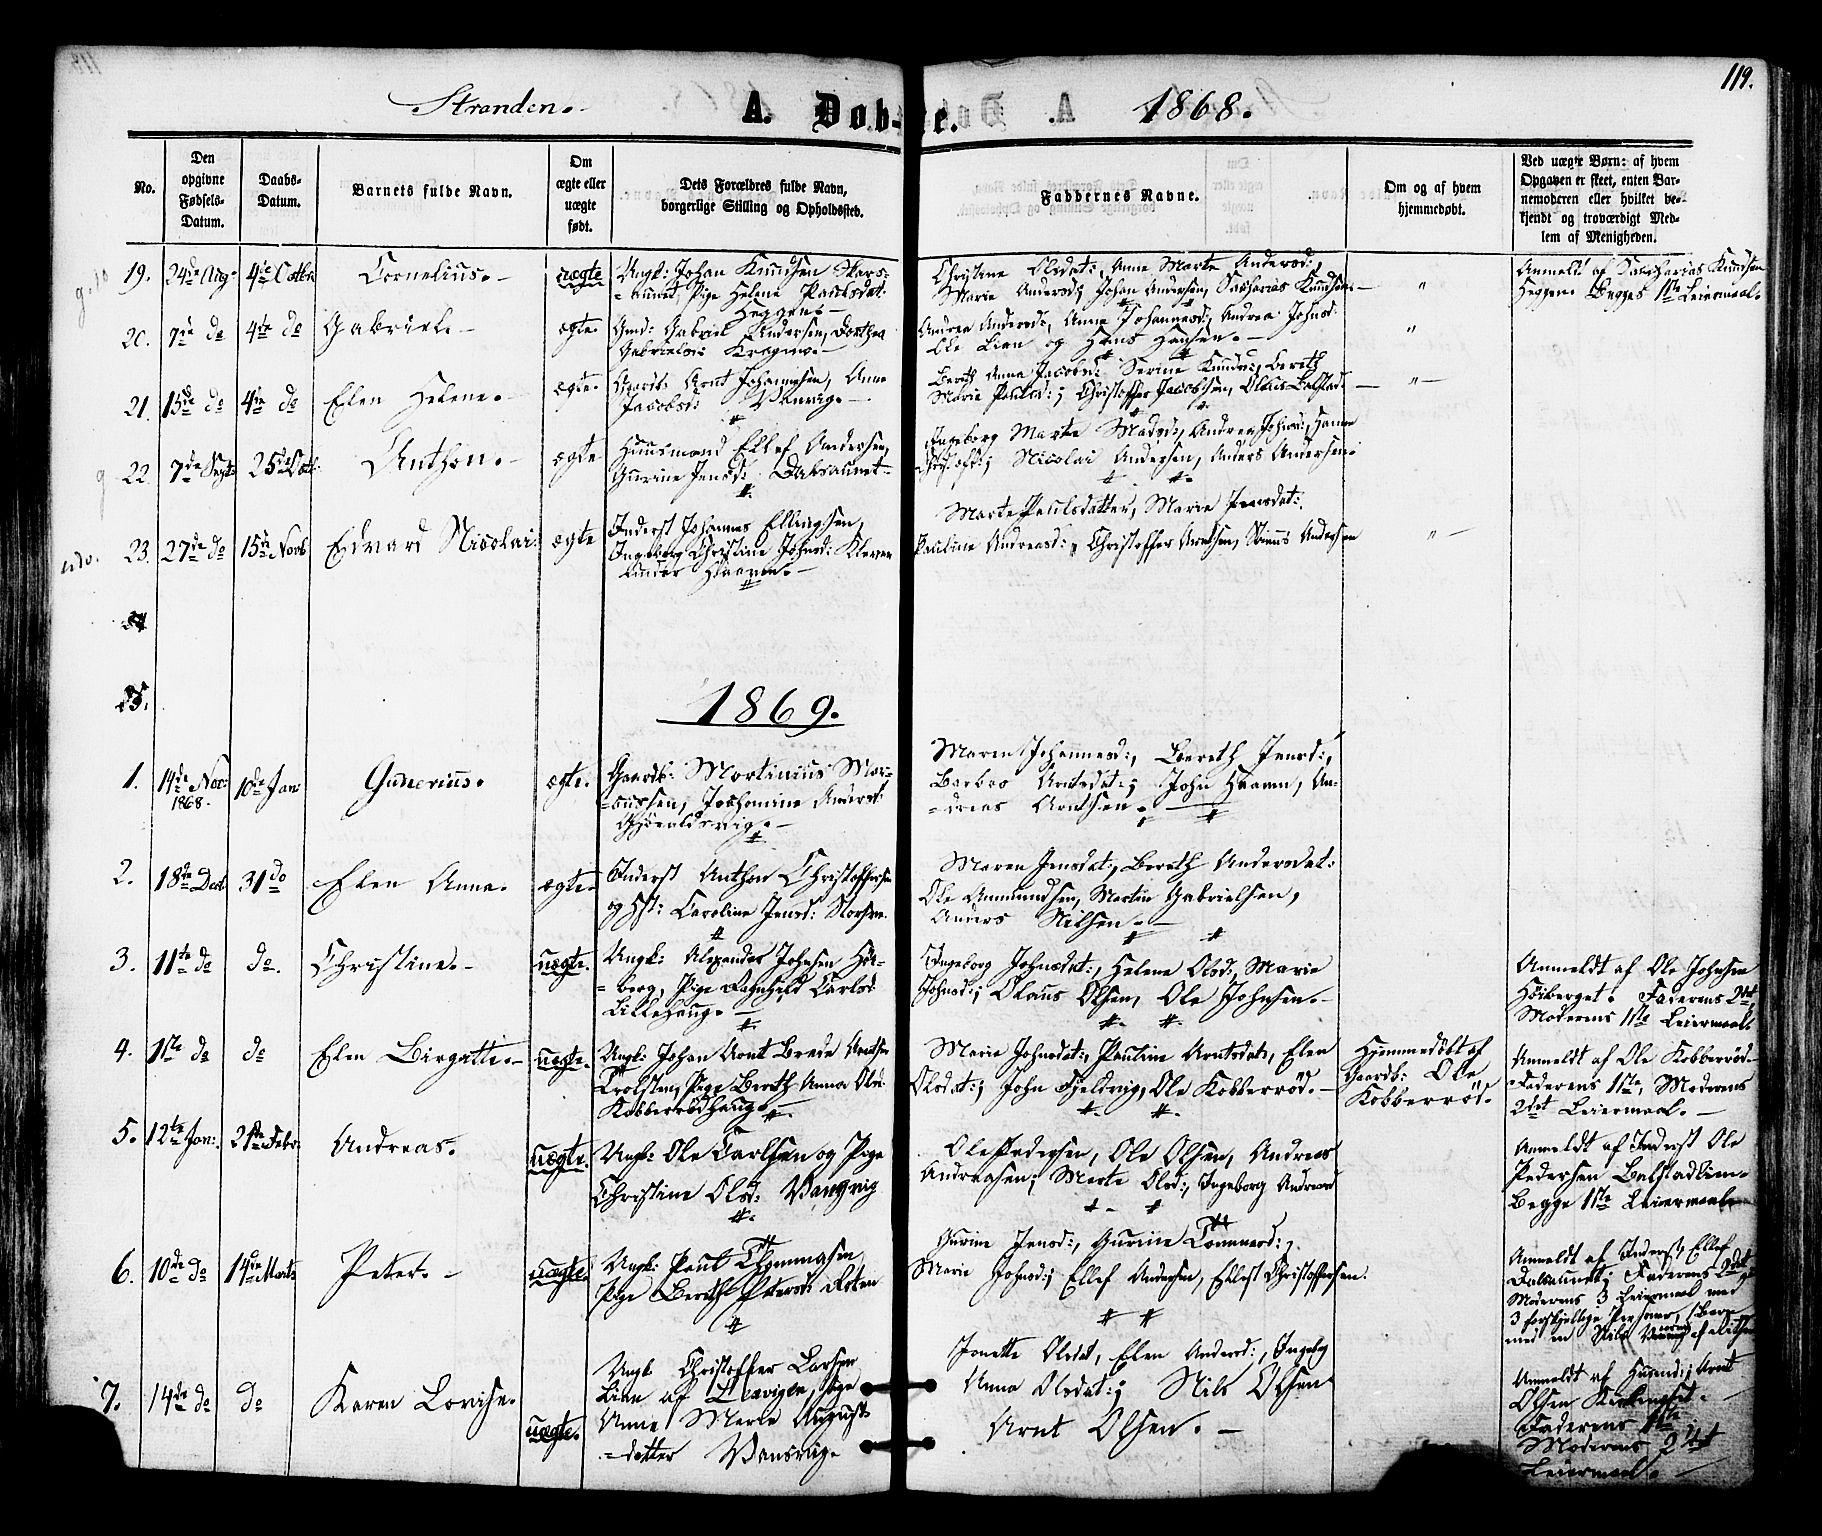 SAT, Ministerialprotokoller, klokkerbøker og fødselsregistre - Nord-Trøndelag, 701/L0009: Ministerialbok nr. 701A09 /2, 1864-1882, s. 119